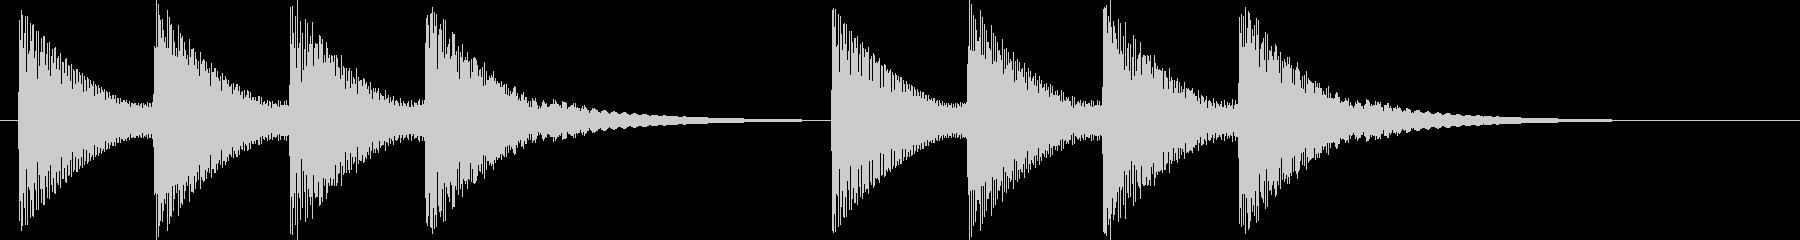 テロリラテロリラ(アラートに最適)の未再生の波形